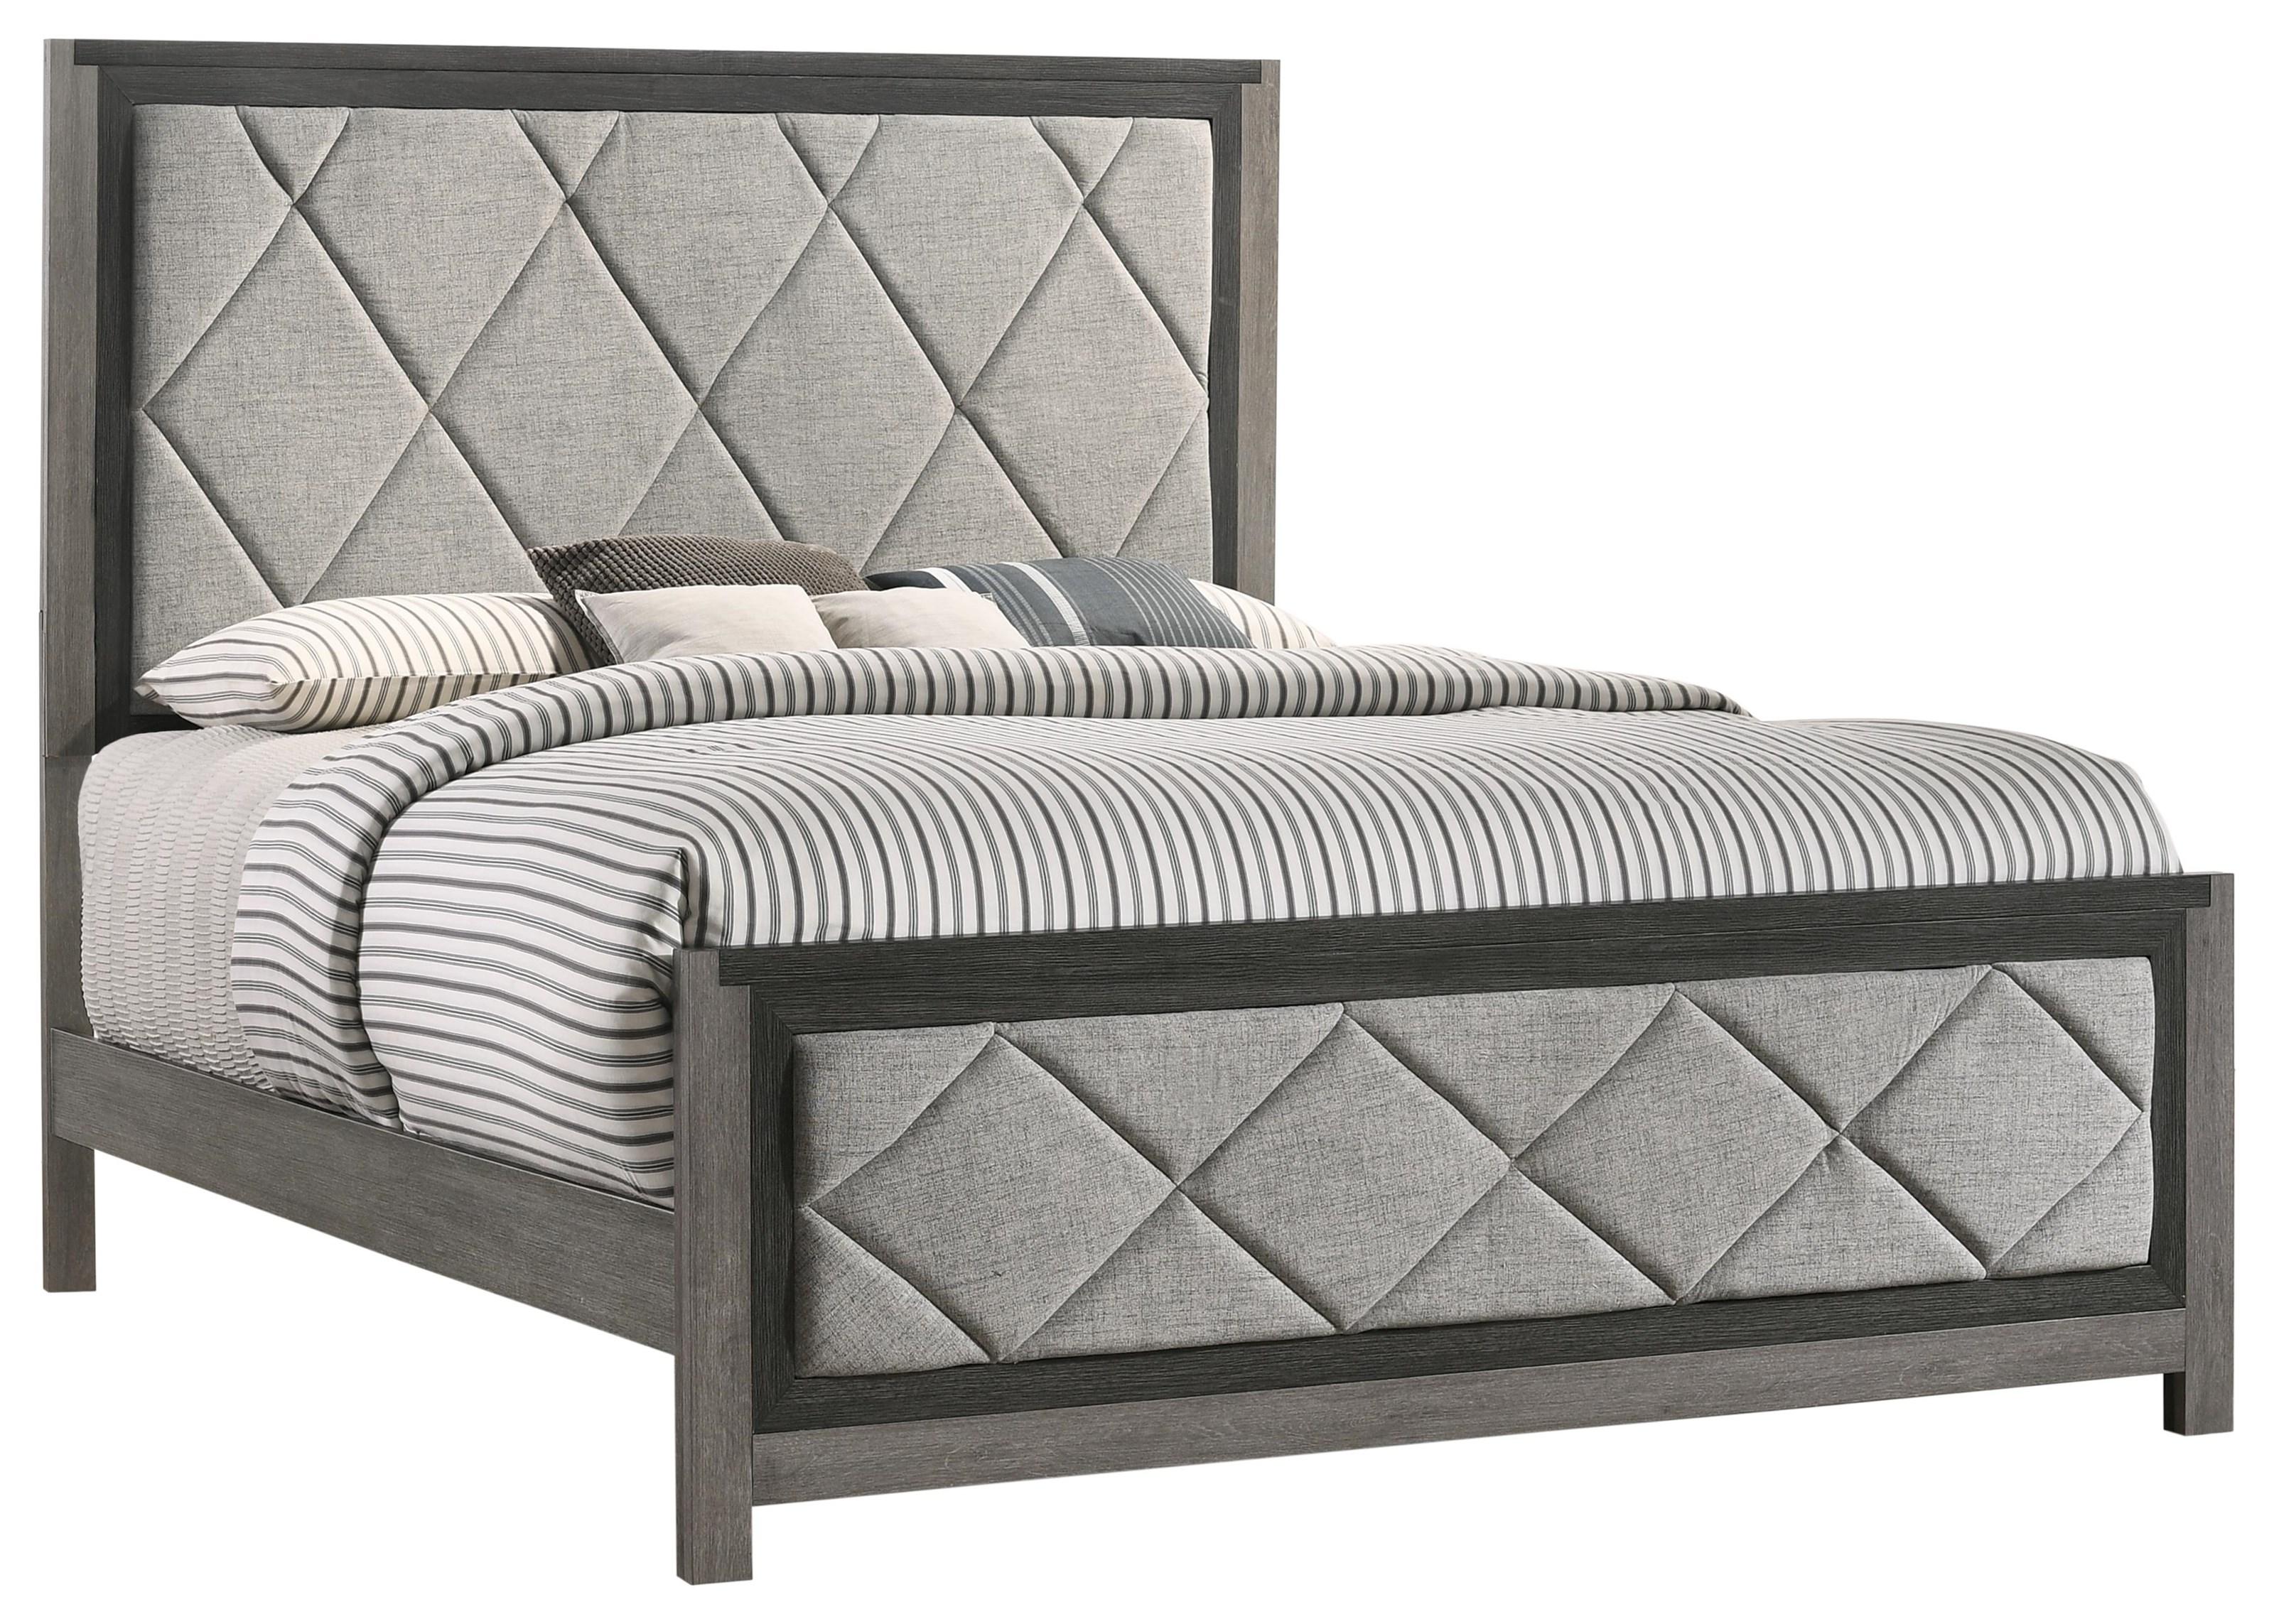 Queen Upholstery Bed